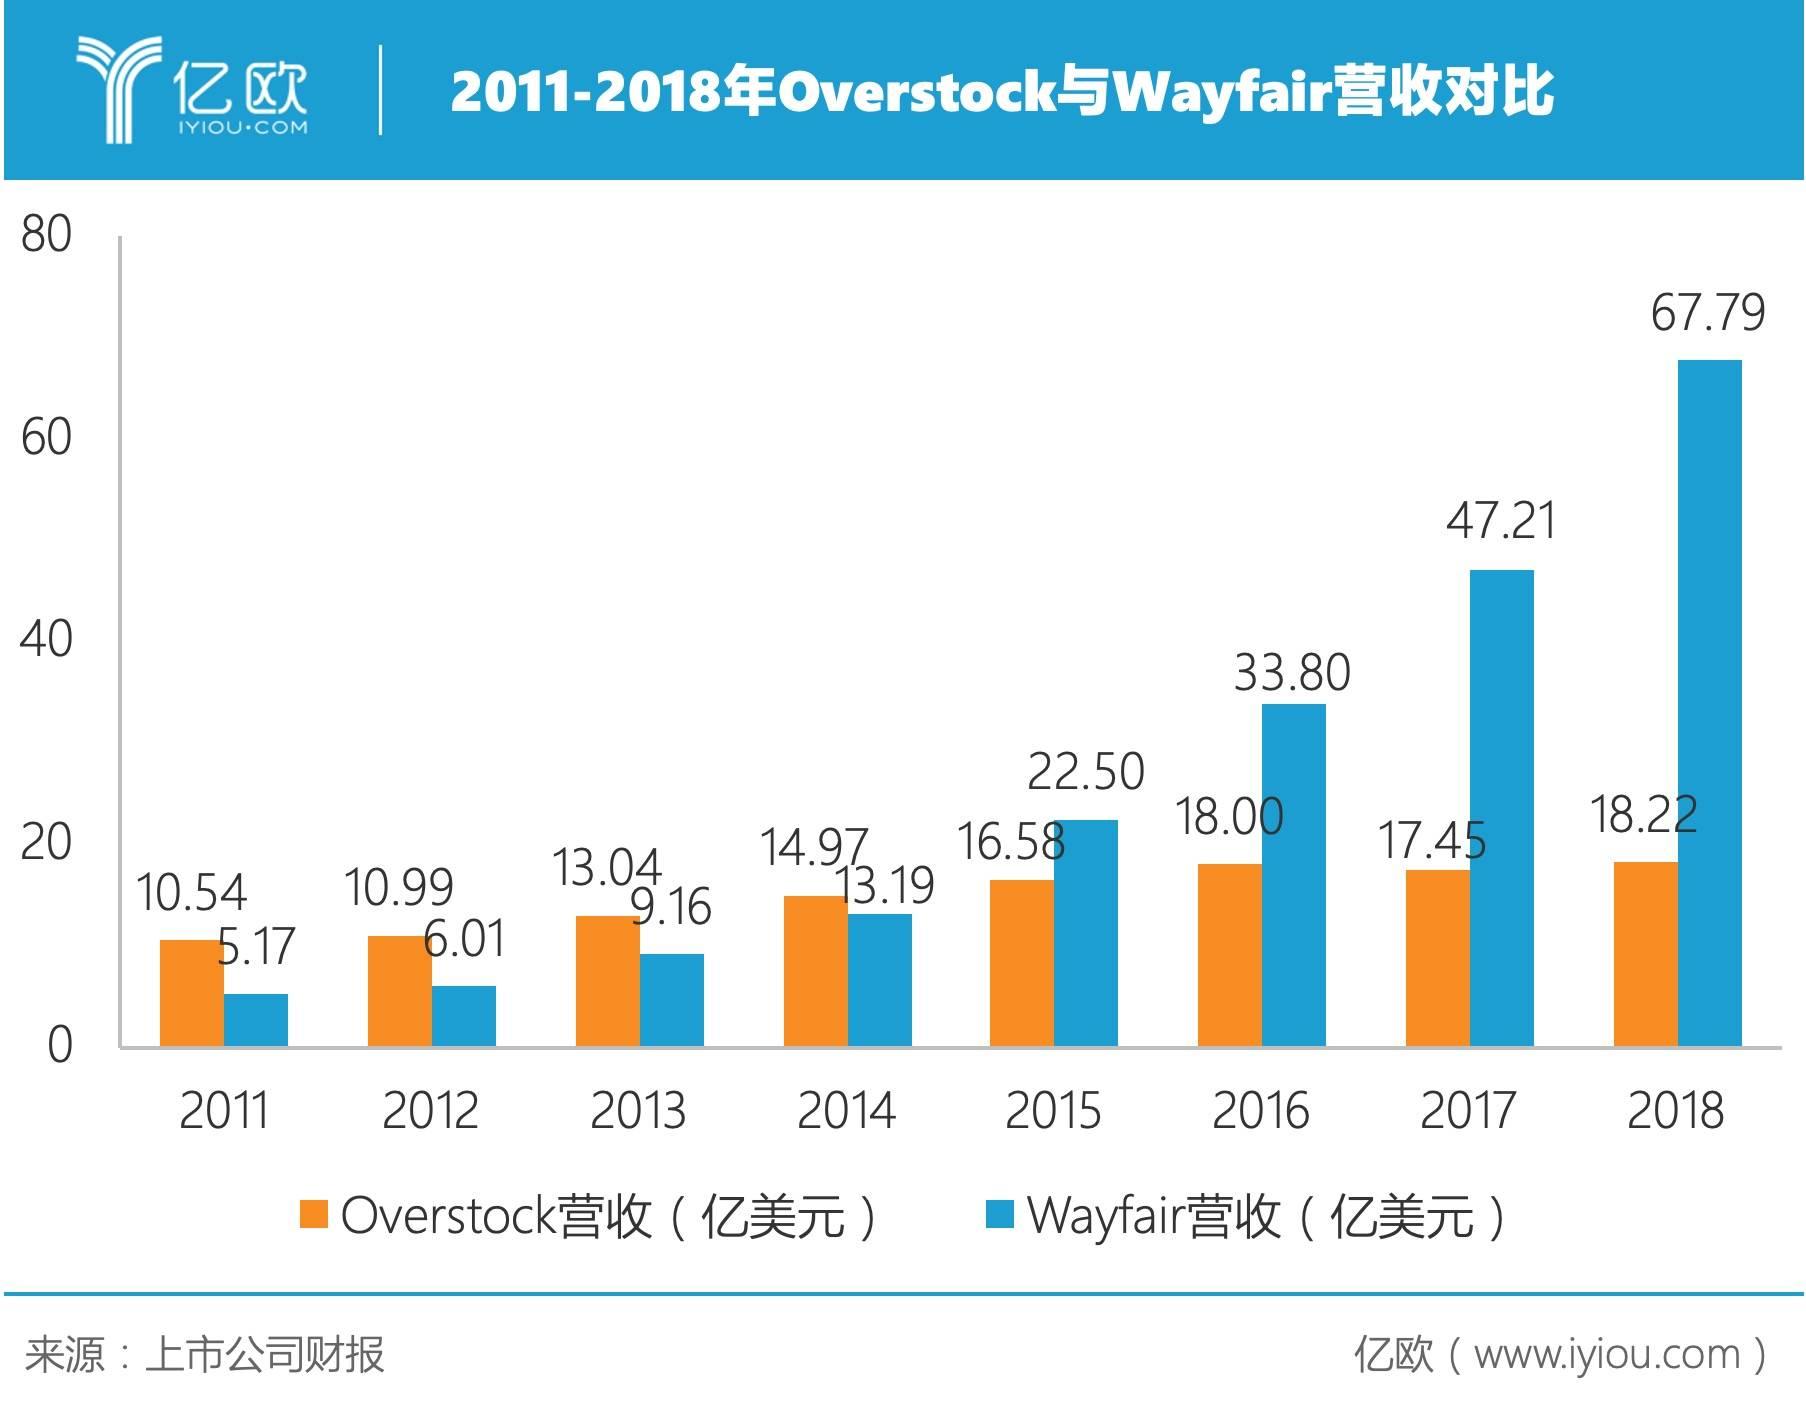 2011-2018年Overstock与Wayfair营收对比